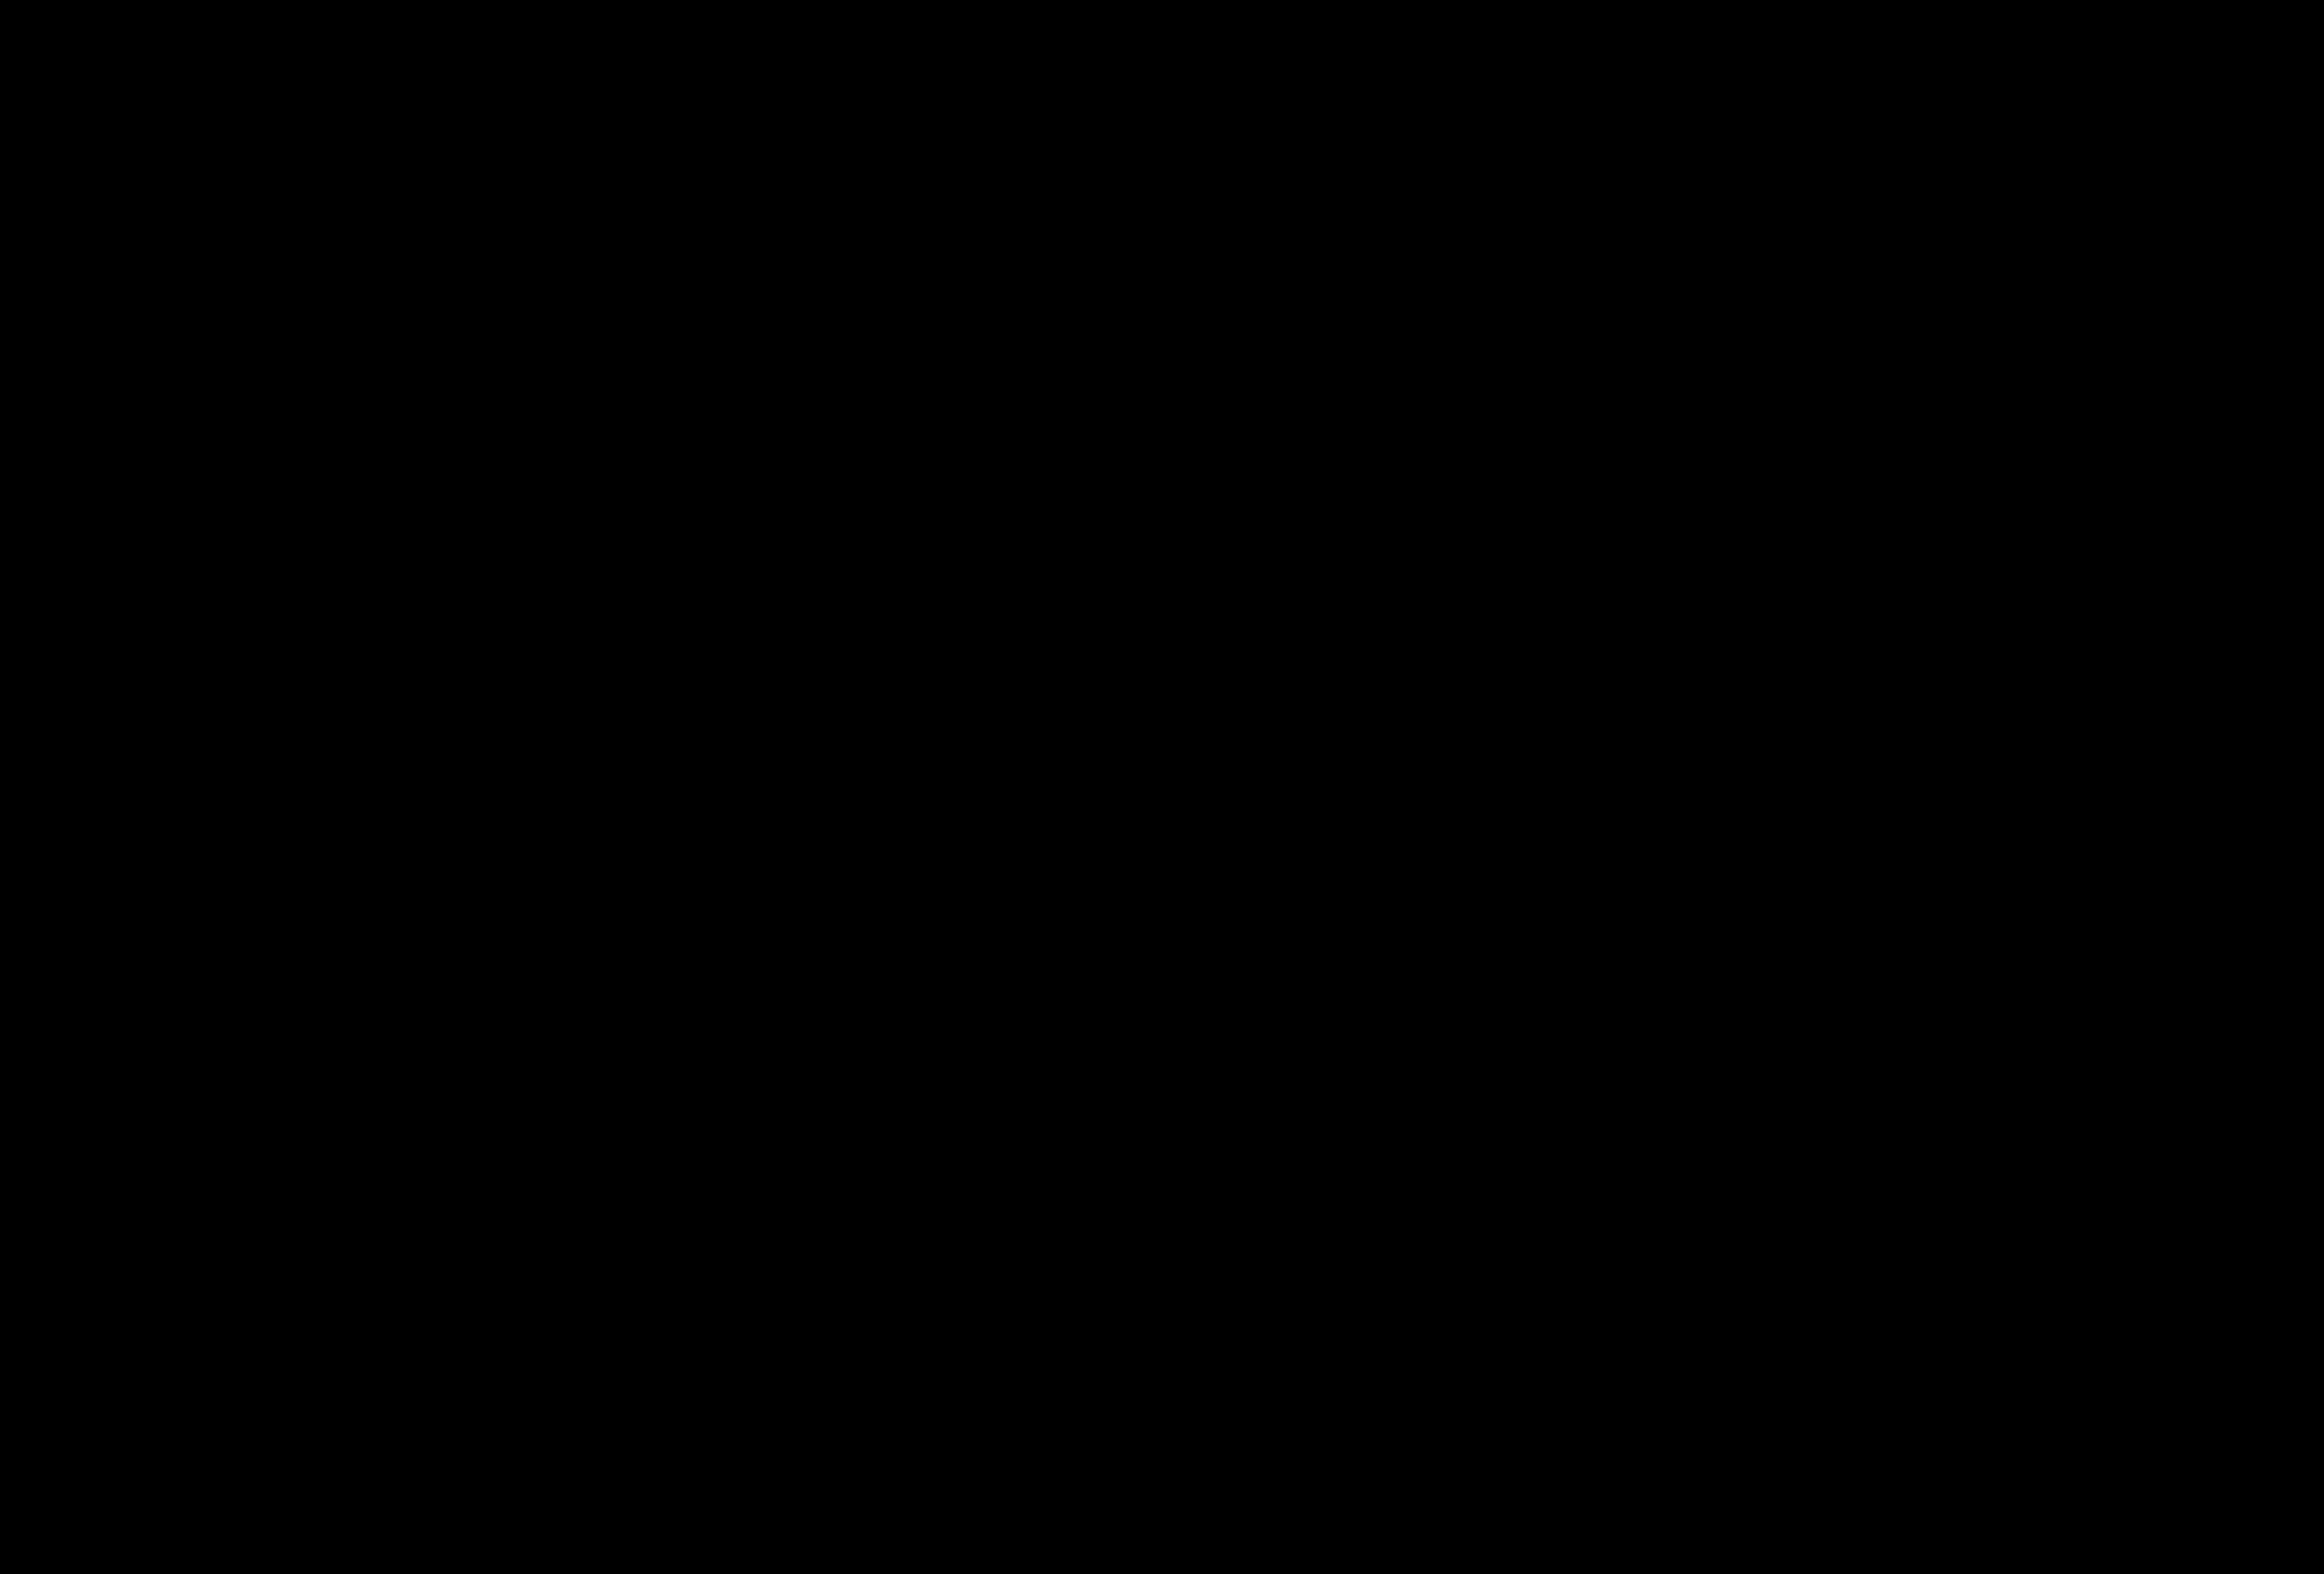 b9733b480f0c864fc753b9c8-2